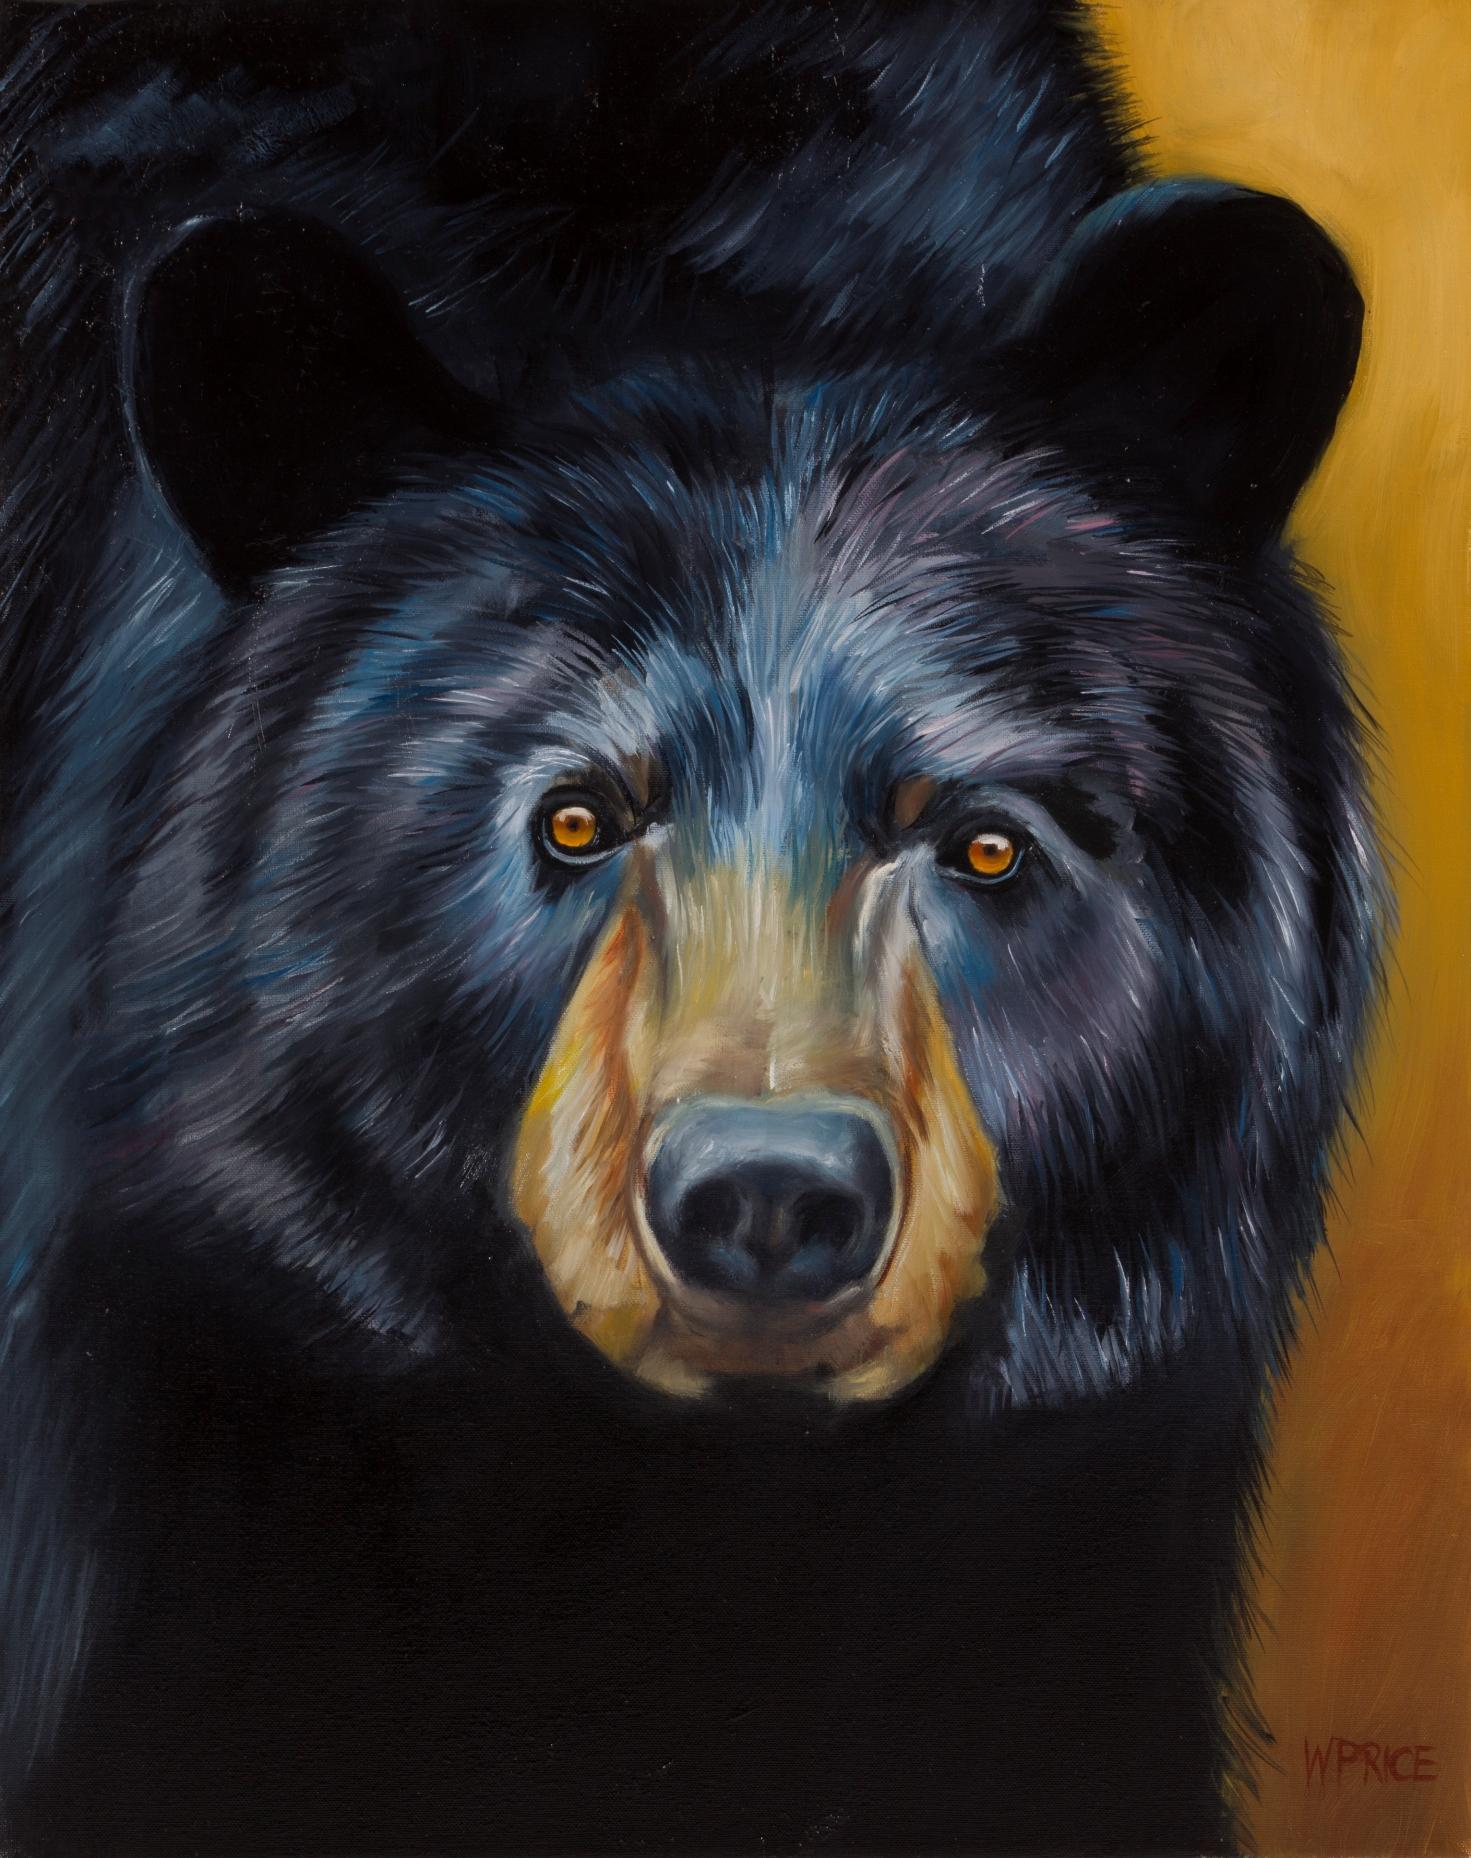 медведь масло картинки оттенки бывают разными